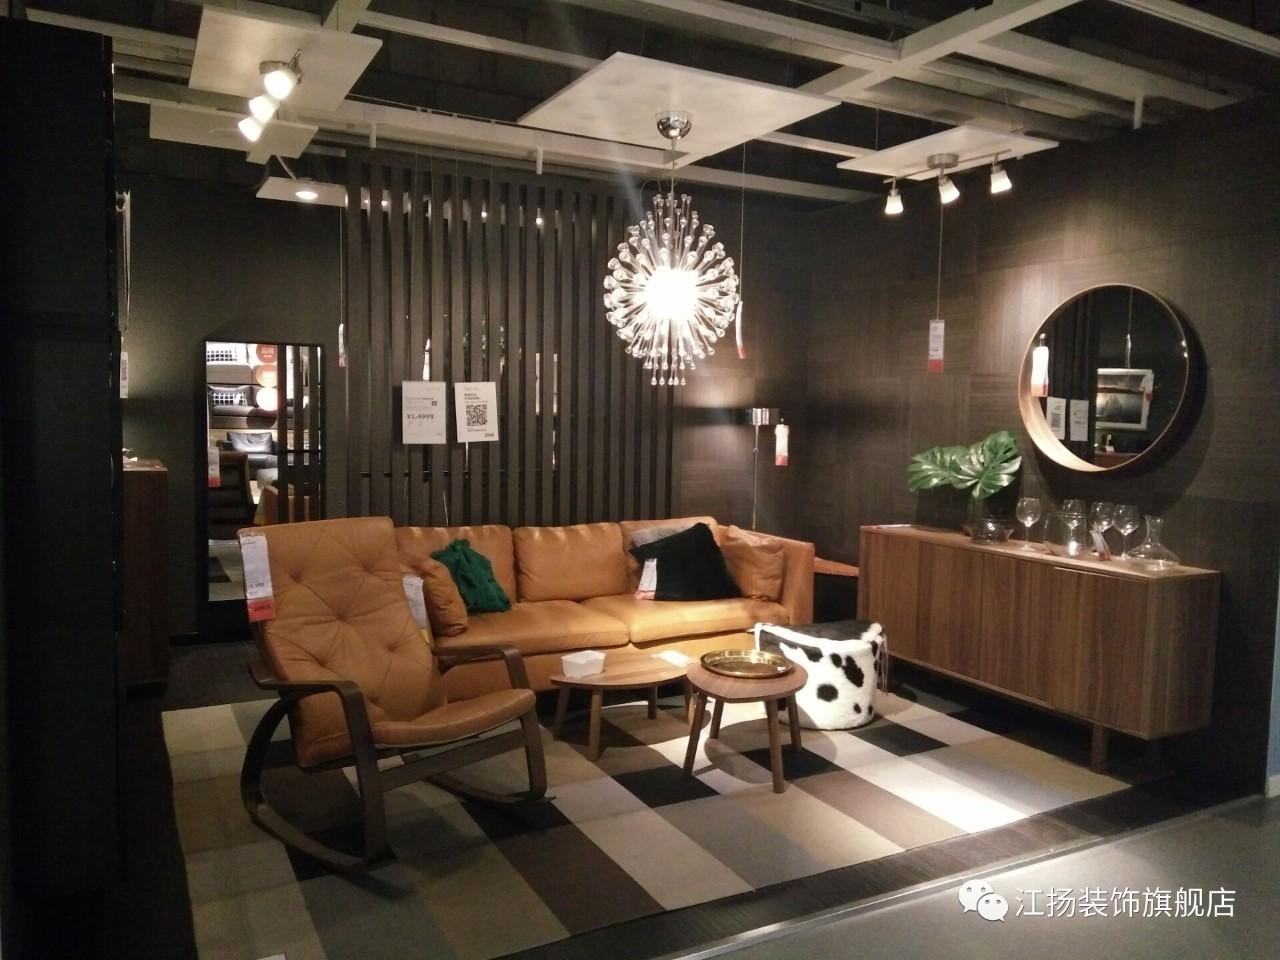 设计师de美丽邂逅-上海国际展览中心